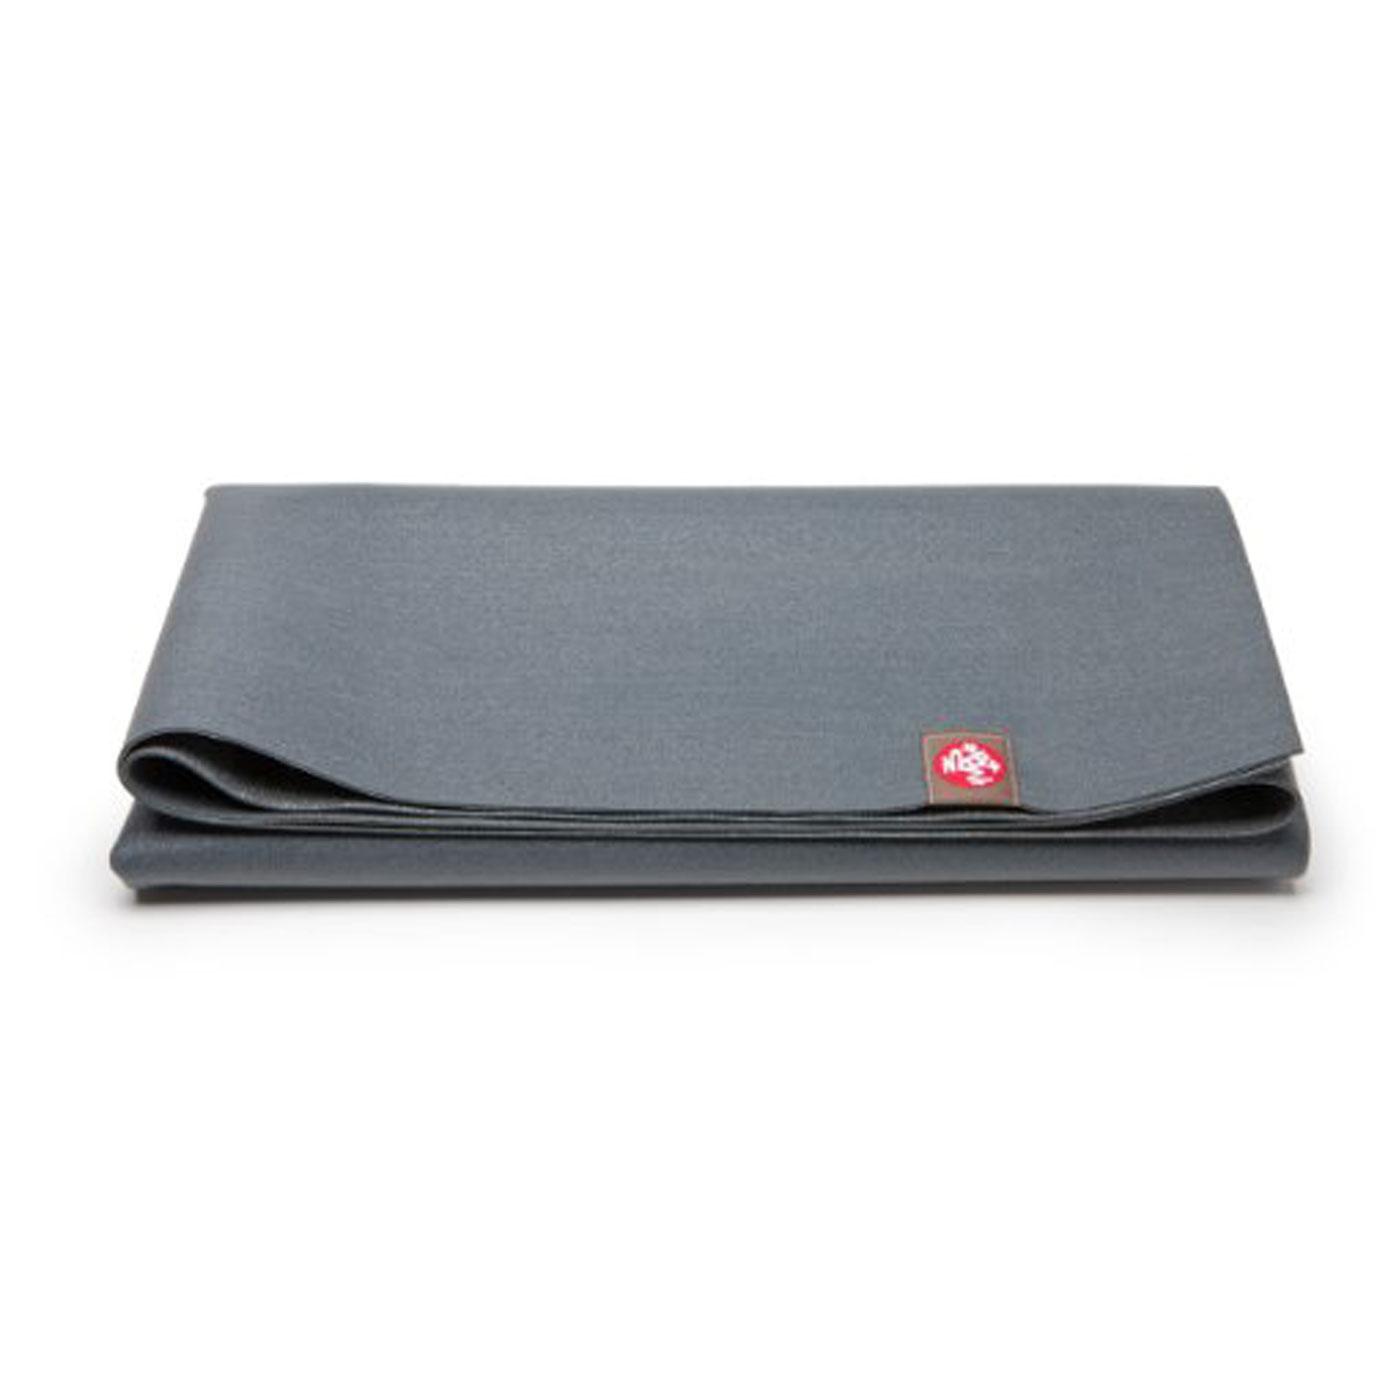 MANDUKA • Travel Yoga Mat • 40 USD